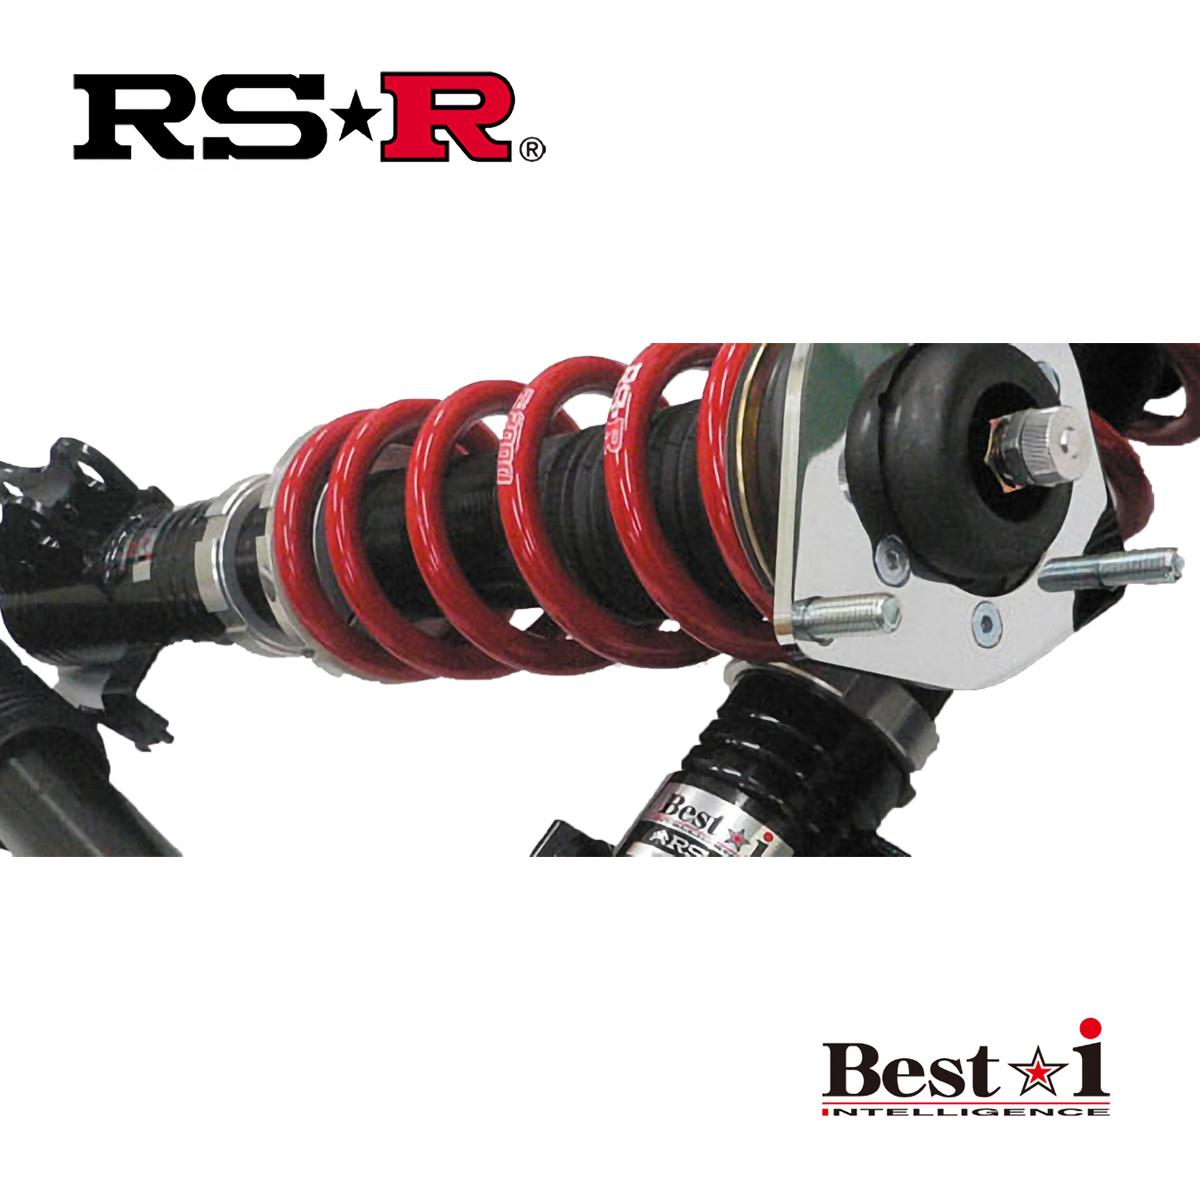 RS-R C-HR G-T NGX50 車高調 リア車高調整:ネジ式/ソフトバネレート仕様 BIT381S ベストi RSR 個人宅発送追金有